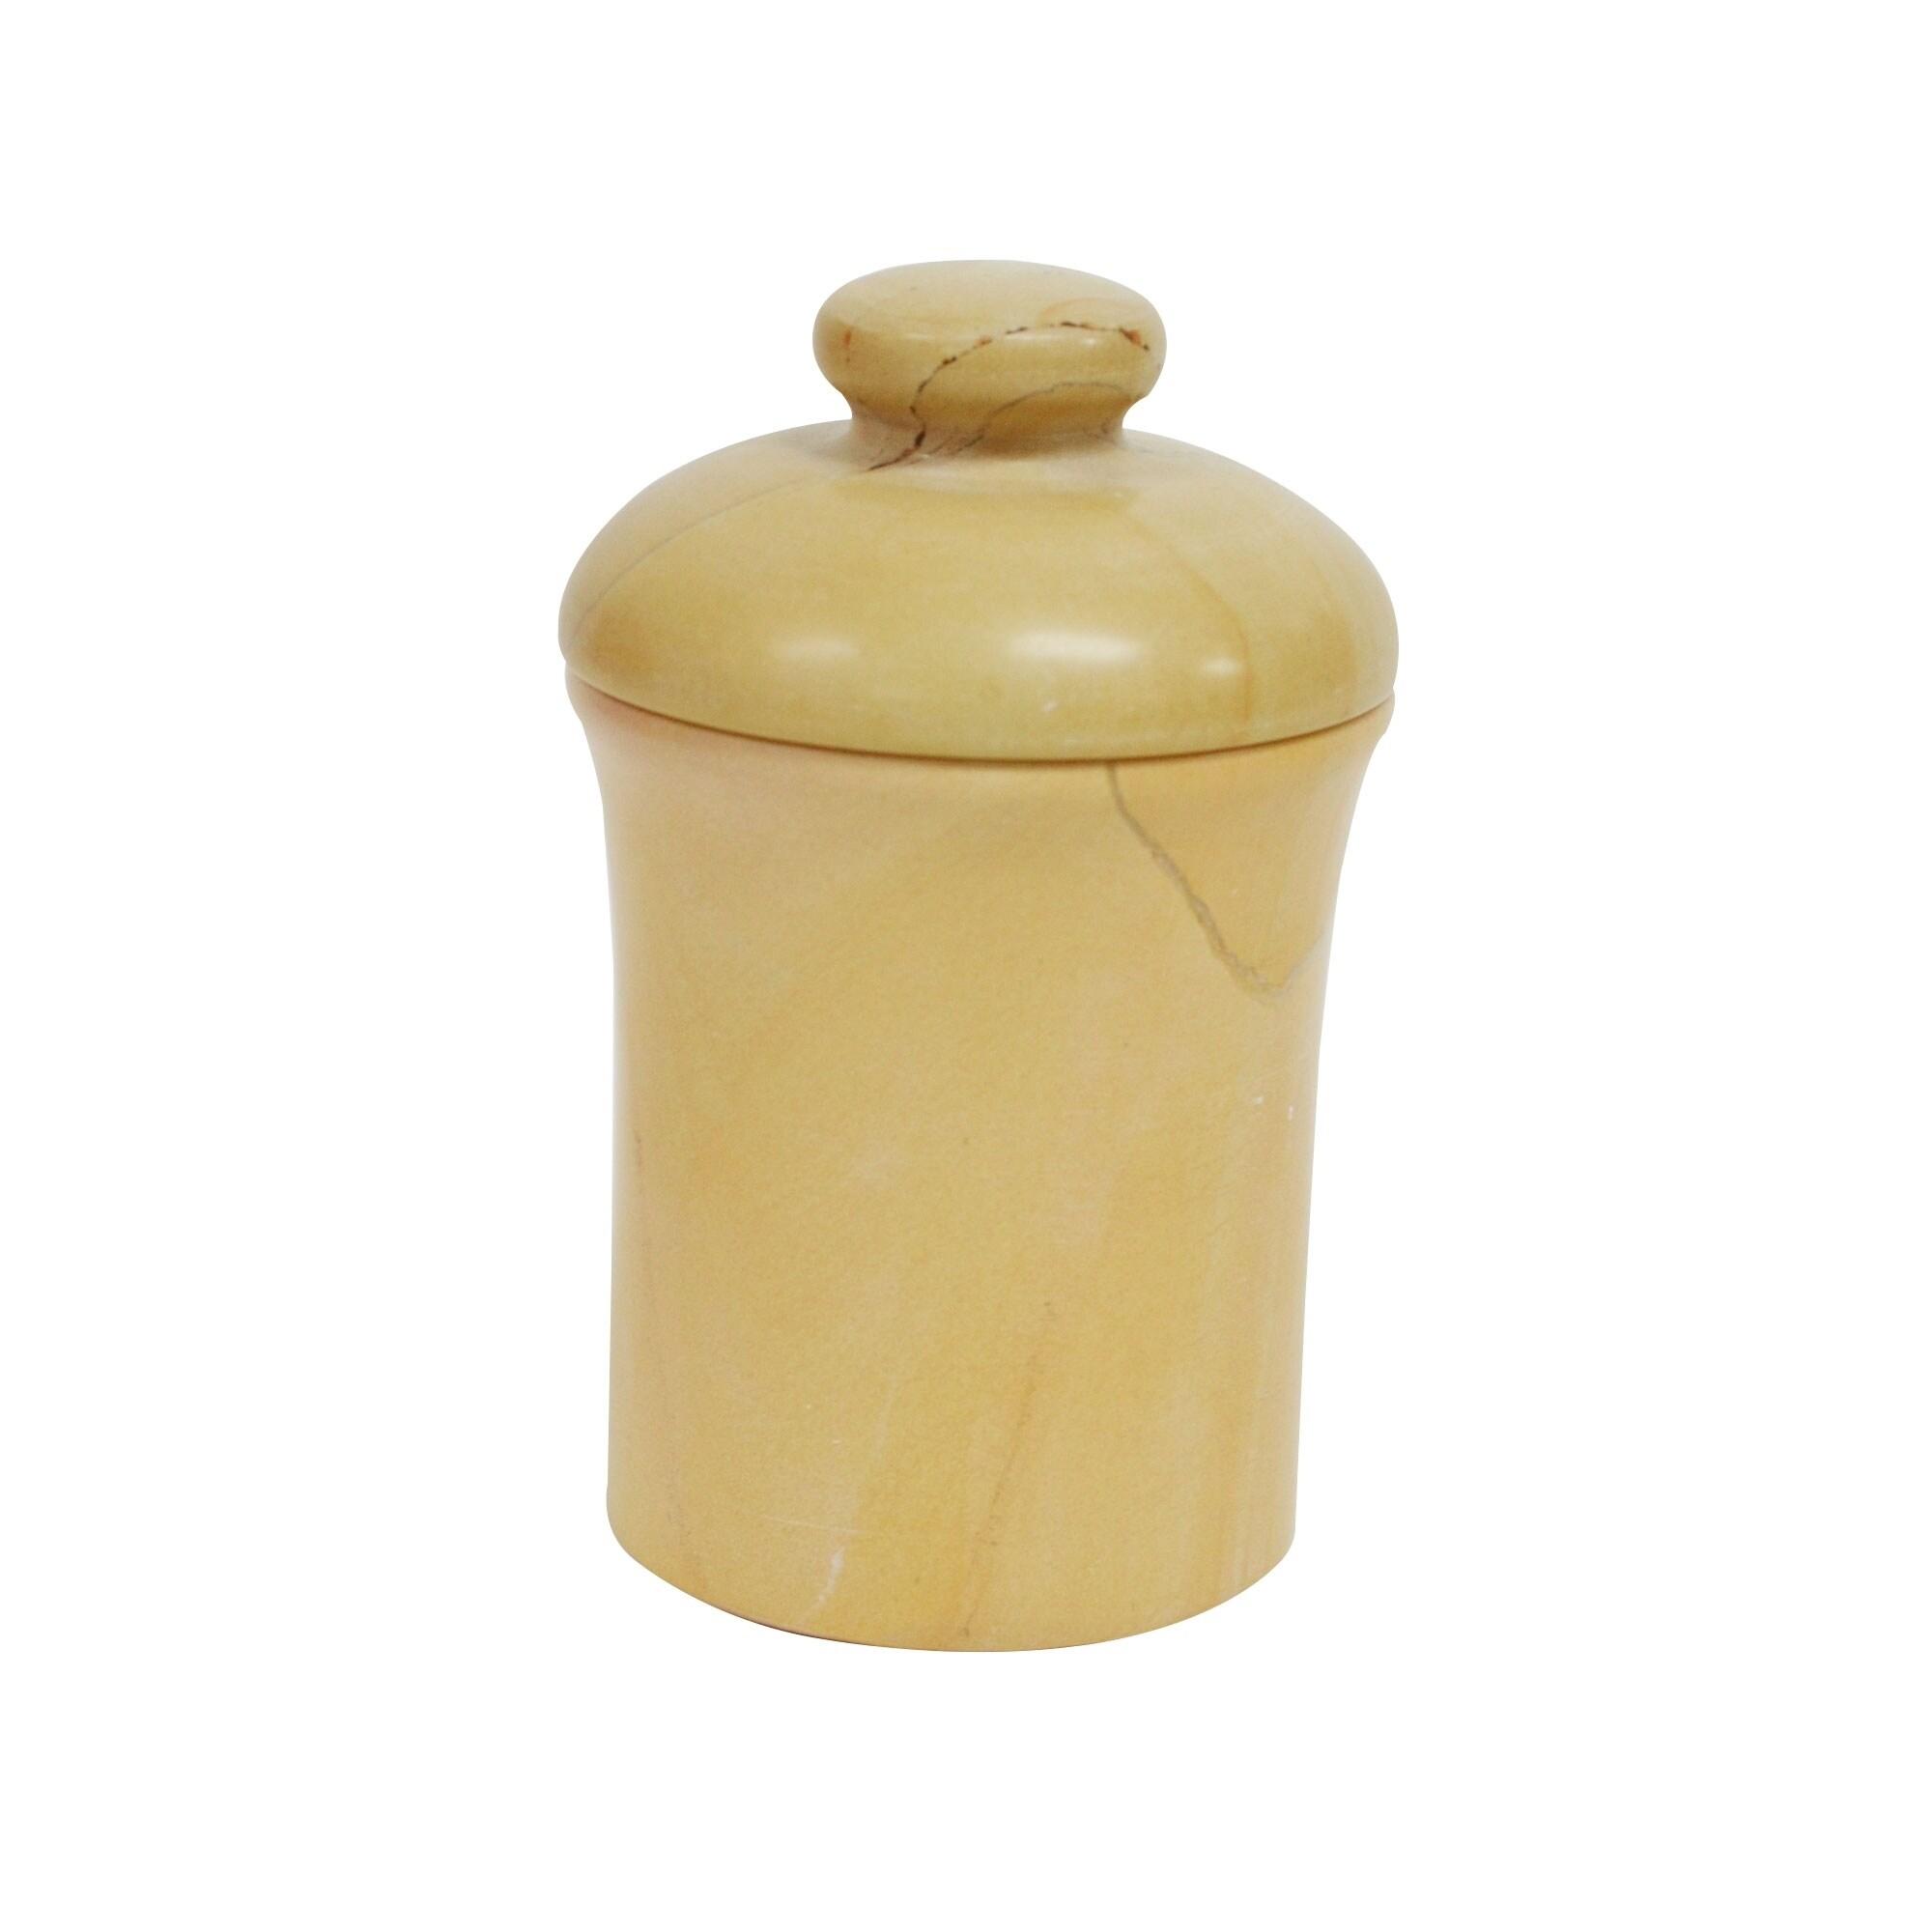 Rembrandt Home Polished Marble Jar, Teak, Shower and Bath...